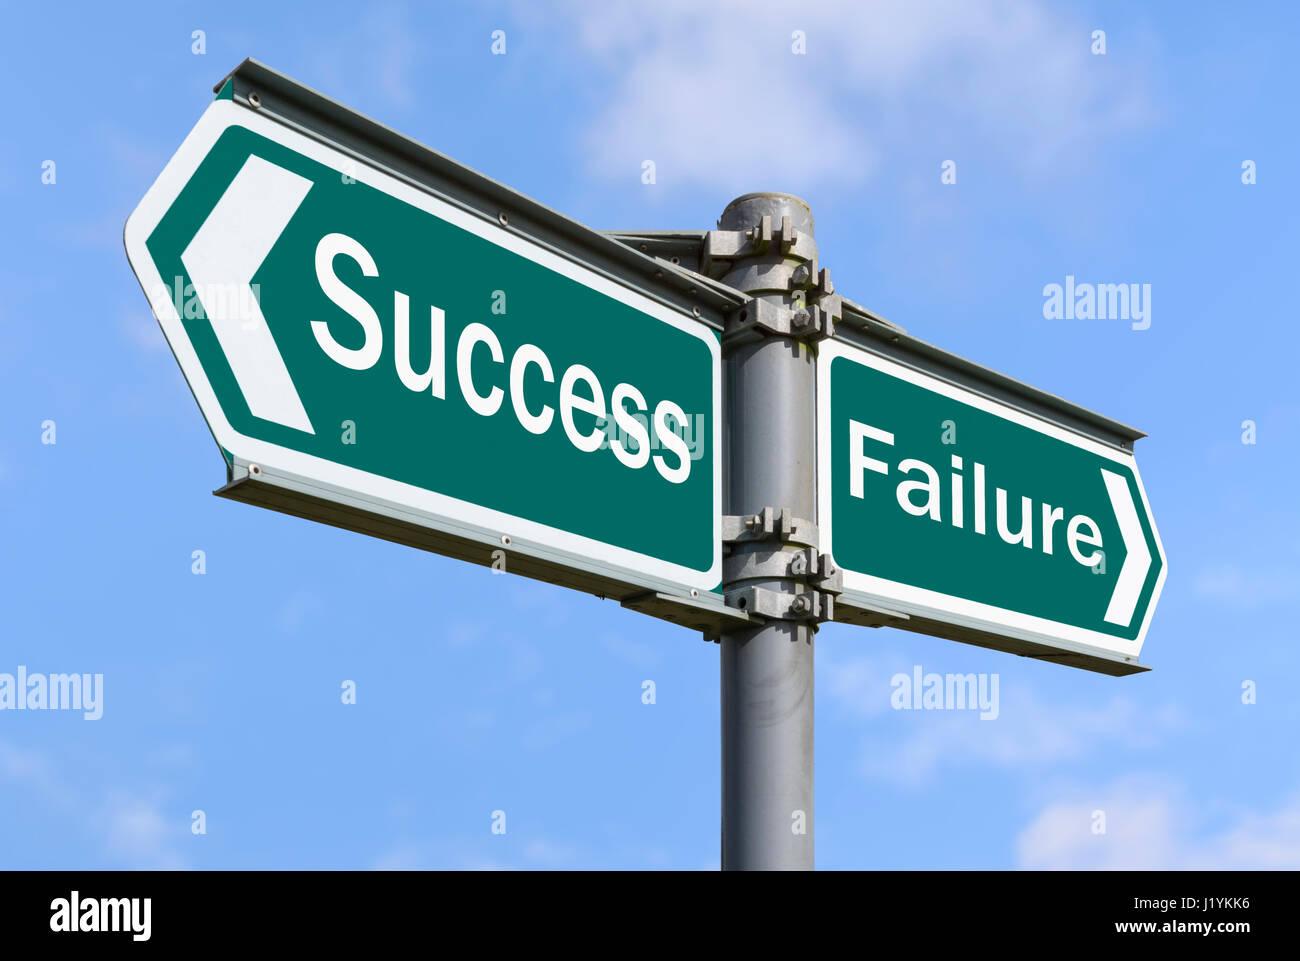 Le succès et l'échec concept panneau indiquant dans des directions opposées. Photo Stock